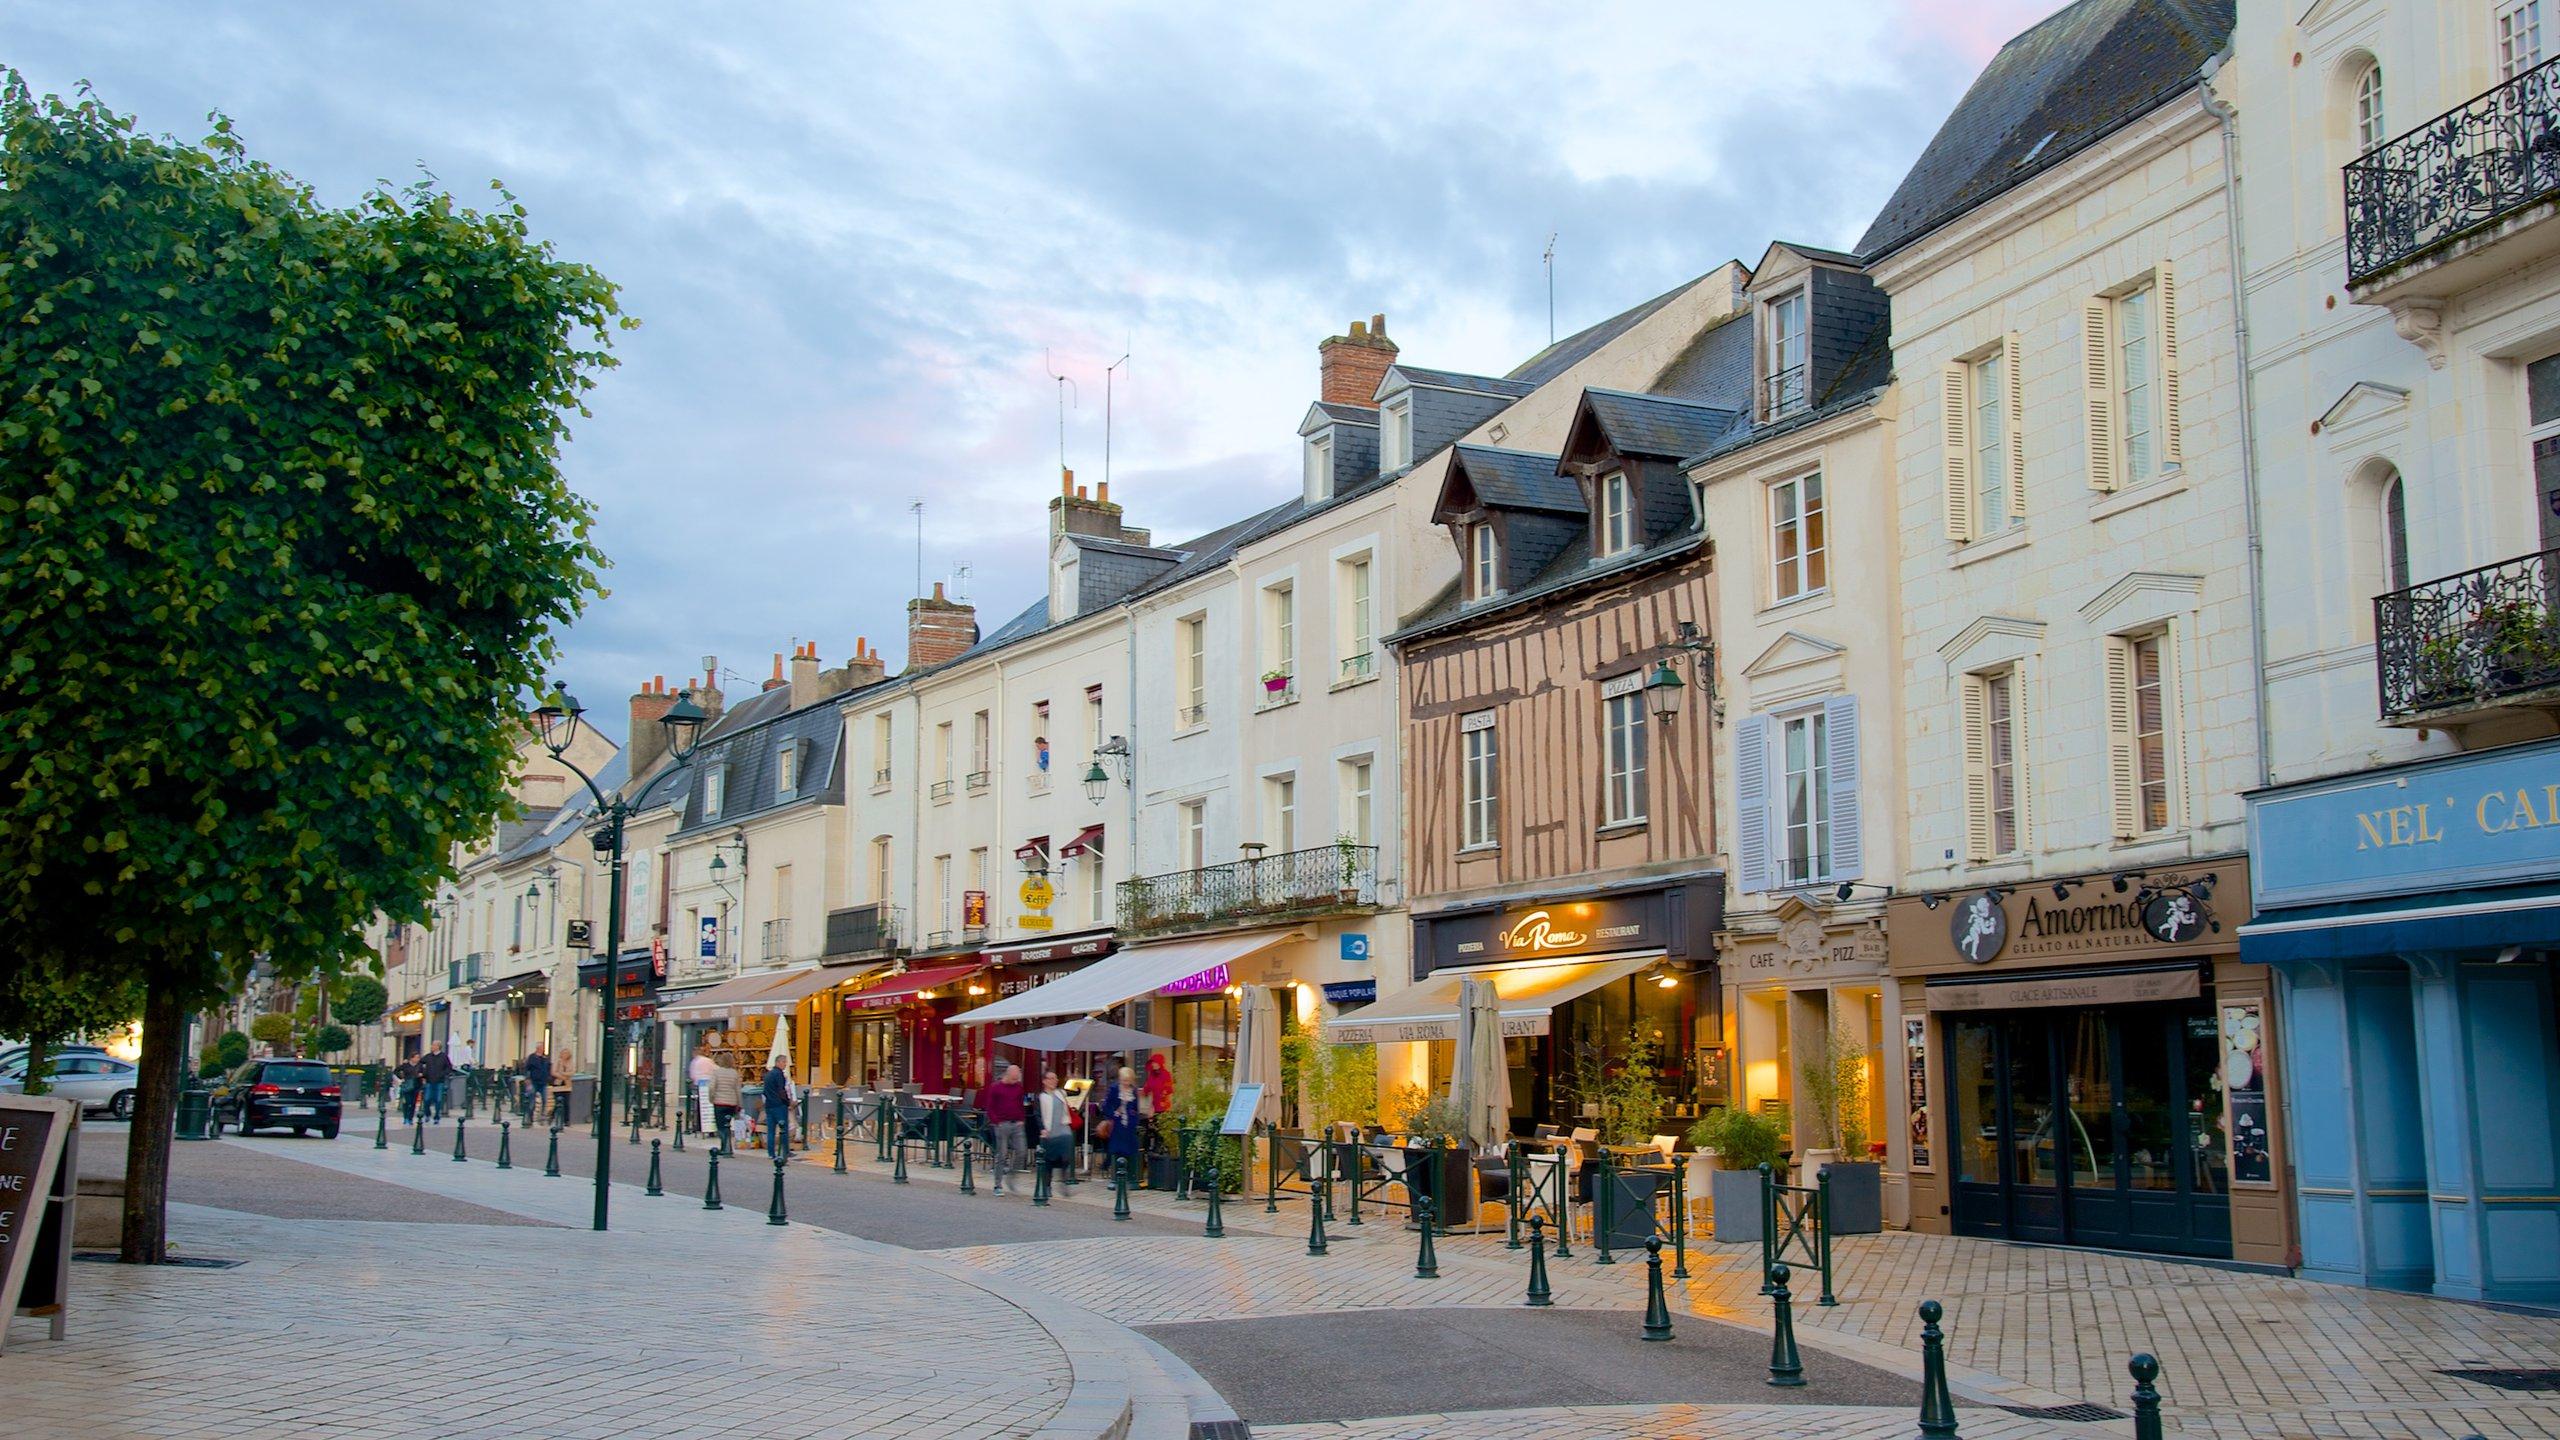 Amboise, Département Indre-et-Loire, Frankreich